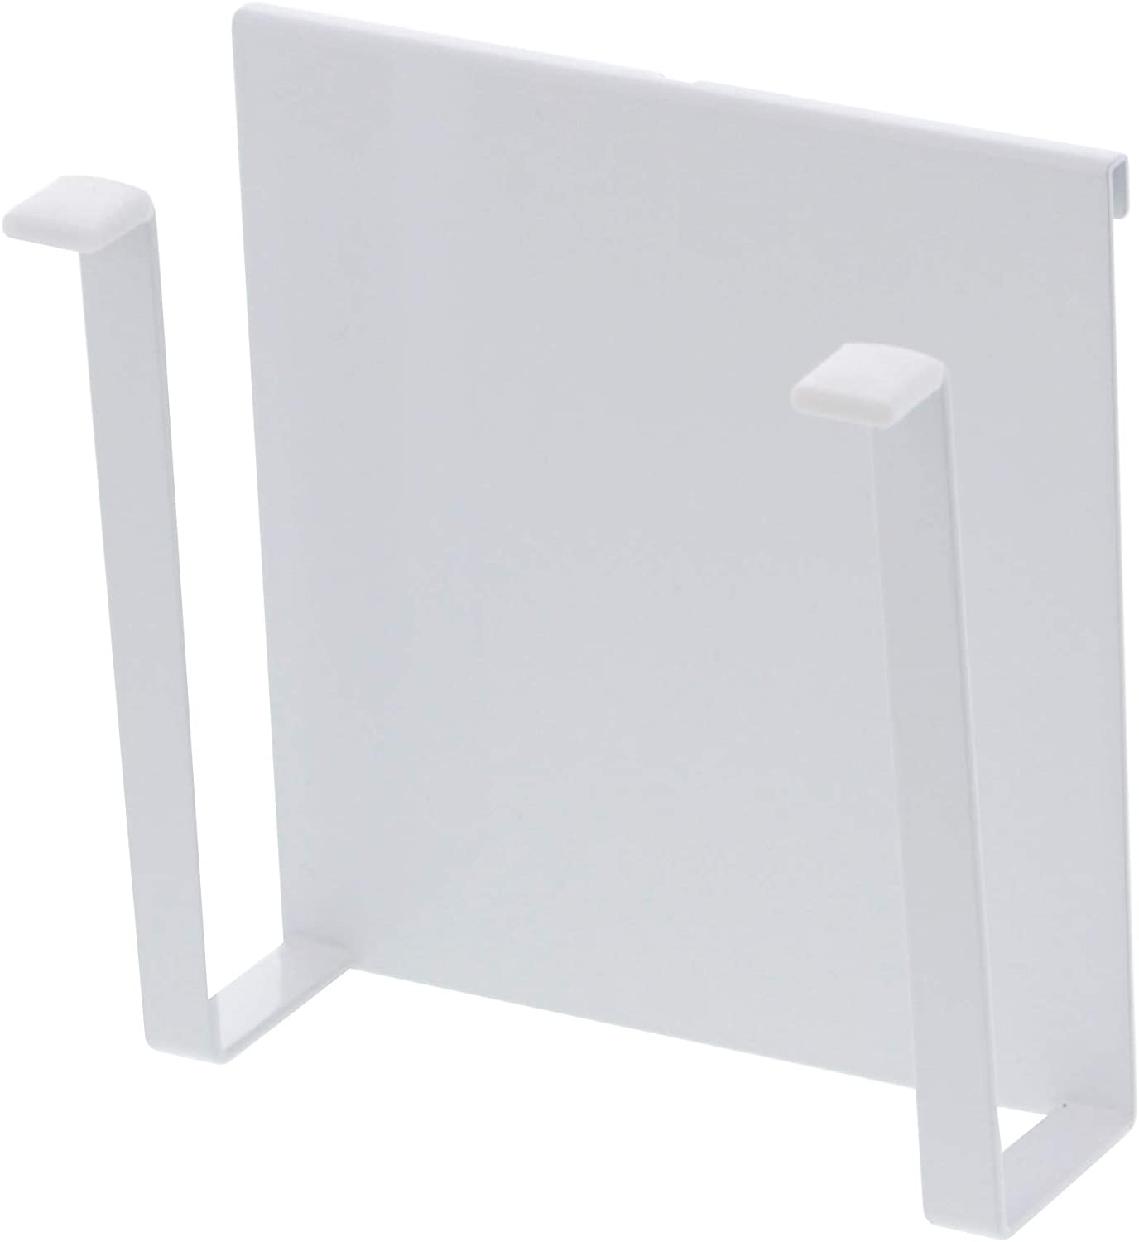 山崎実業(Yamazaki) 自立式メッシュパネル用 まな板ハンガー タワー 4197の商品画像